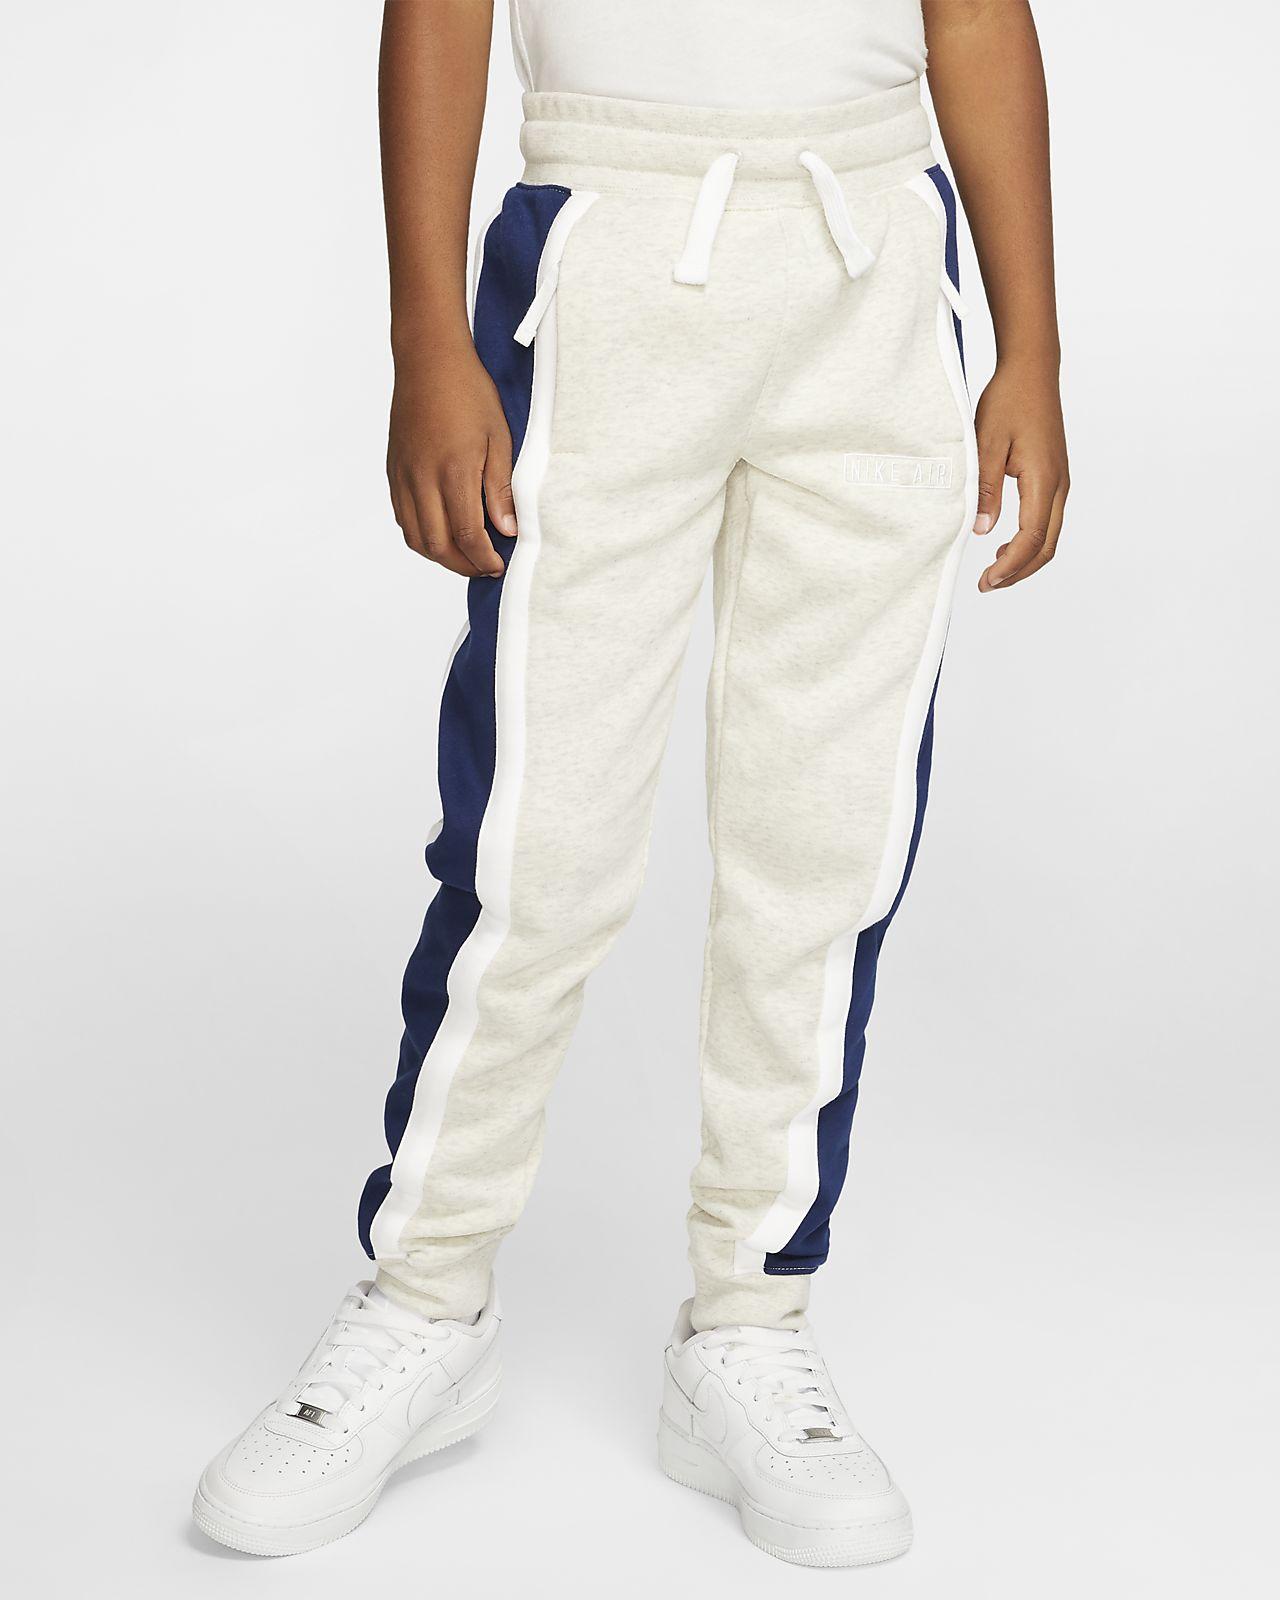 Nike Air Hose für ältere Kinder